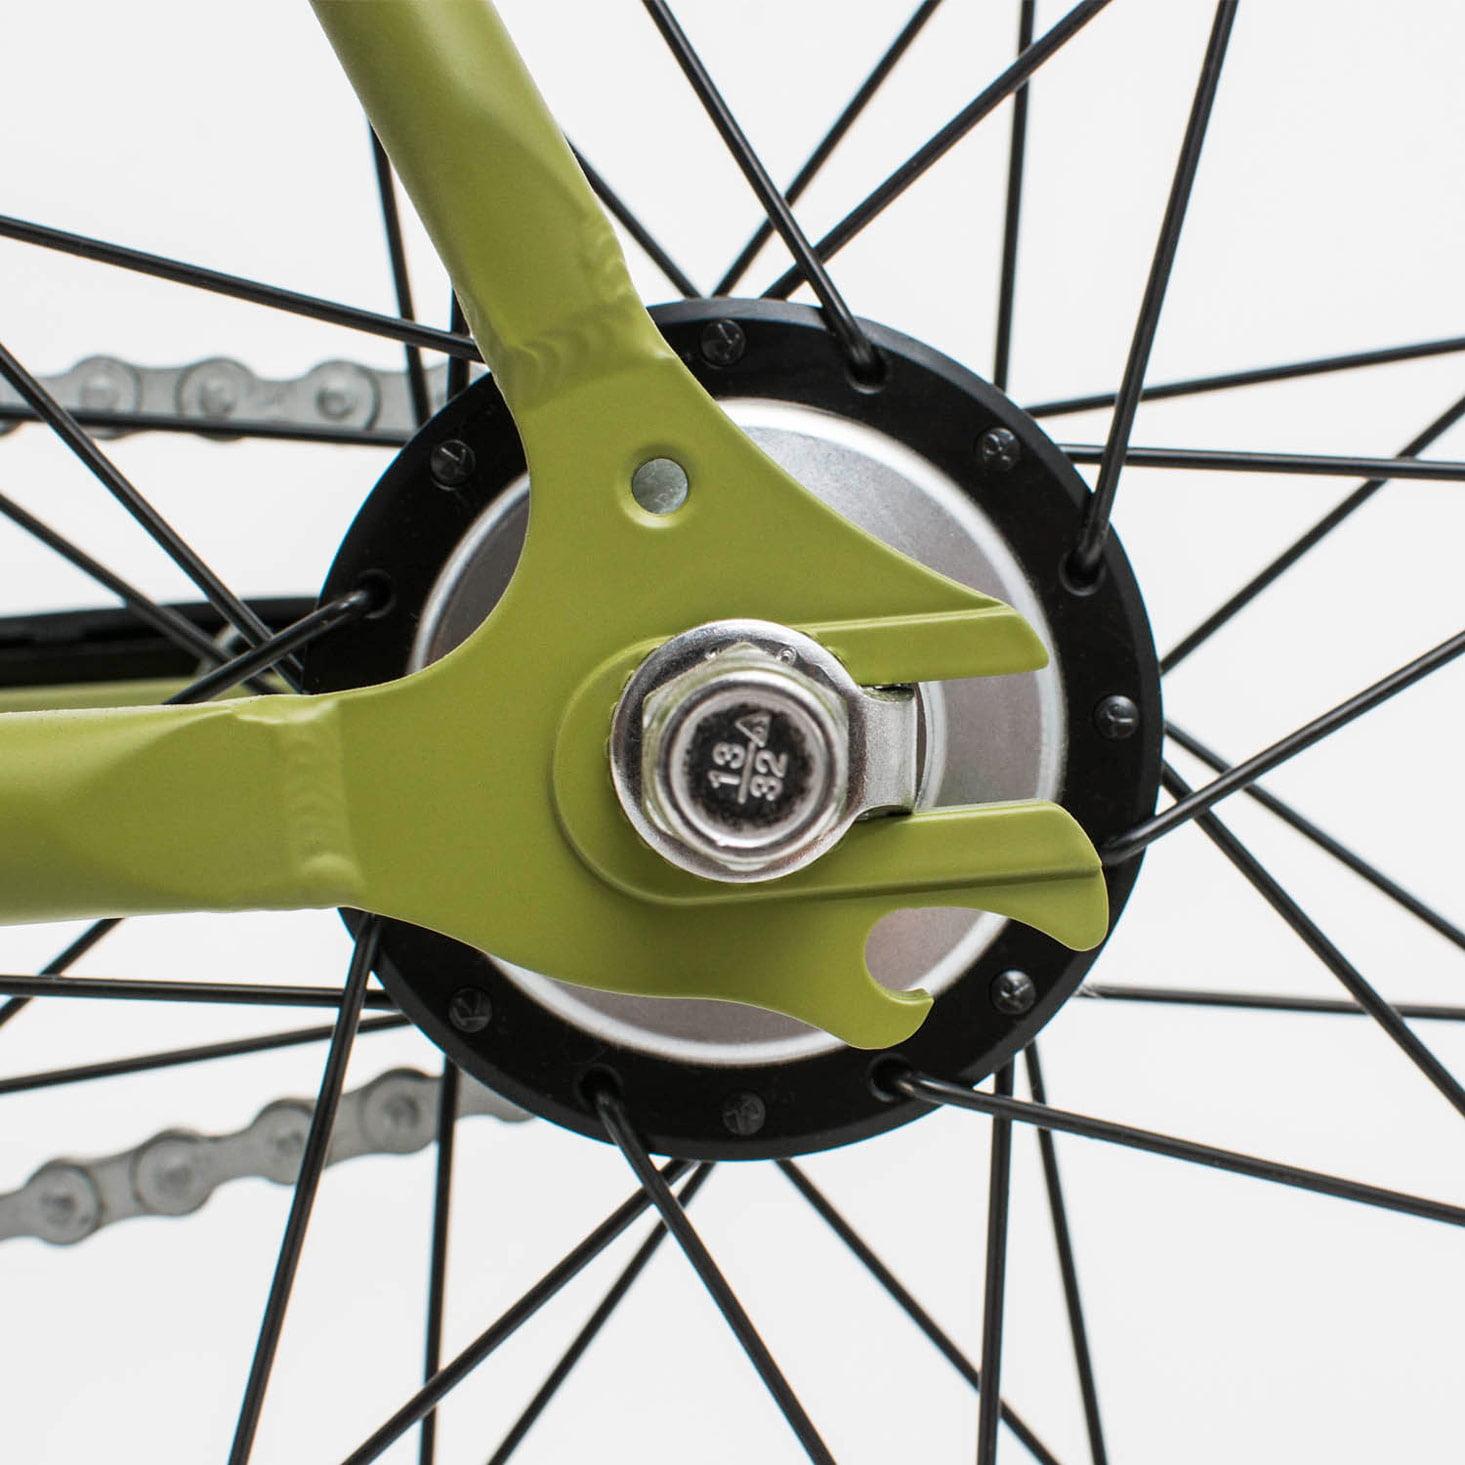 Landyachtz_Spitfire_Olive_Single_Speed_Bikes_4_DSC4881